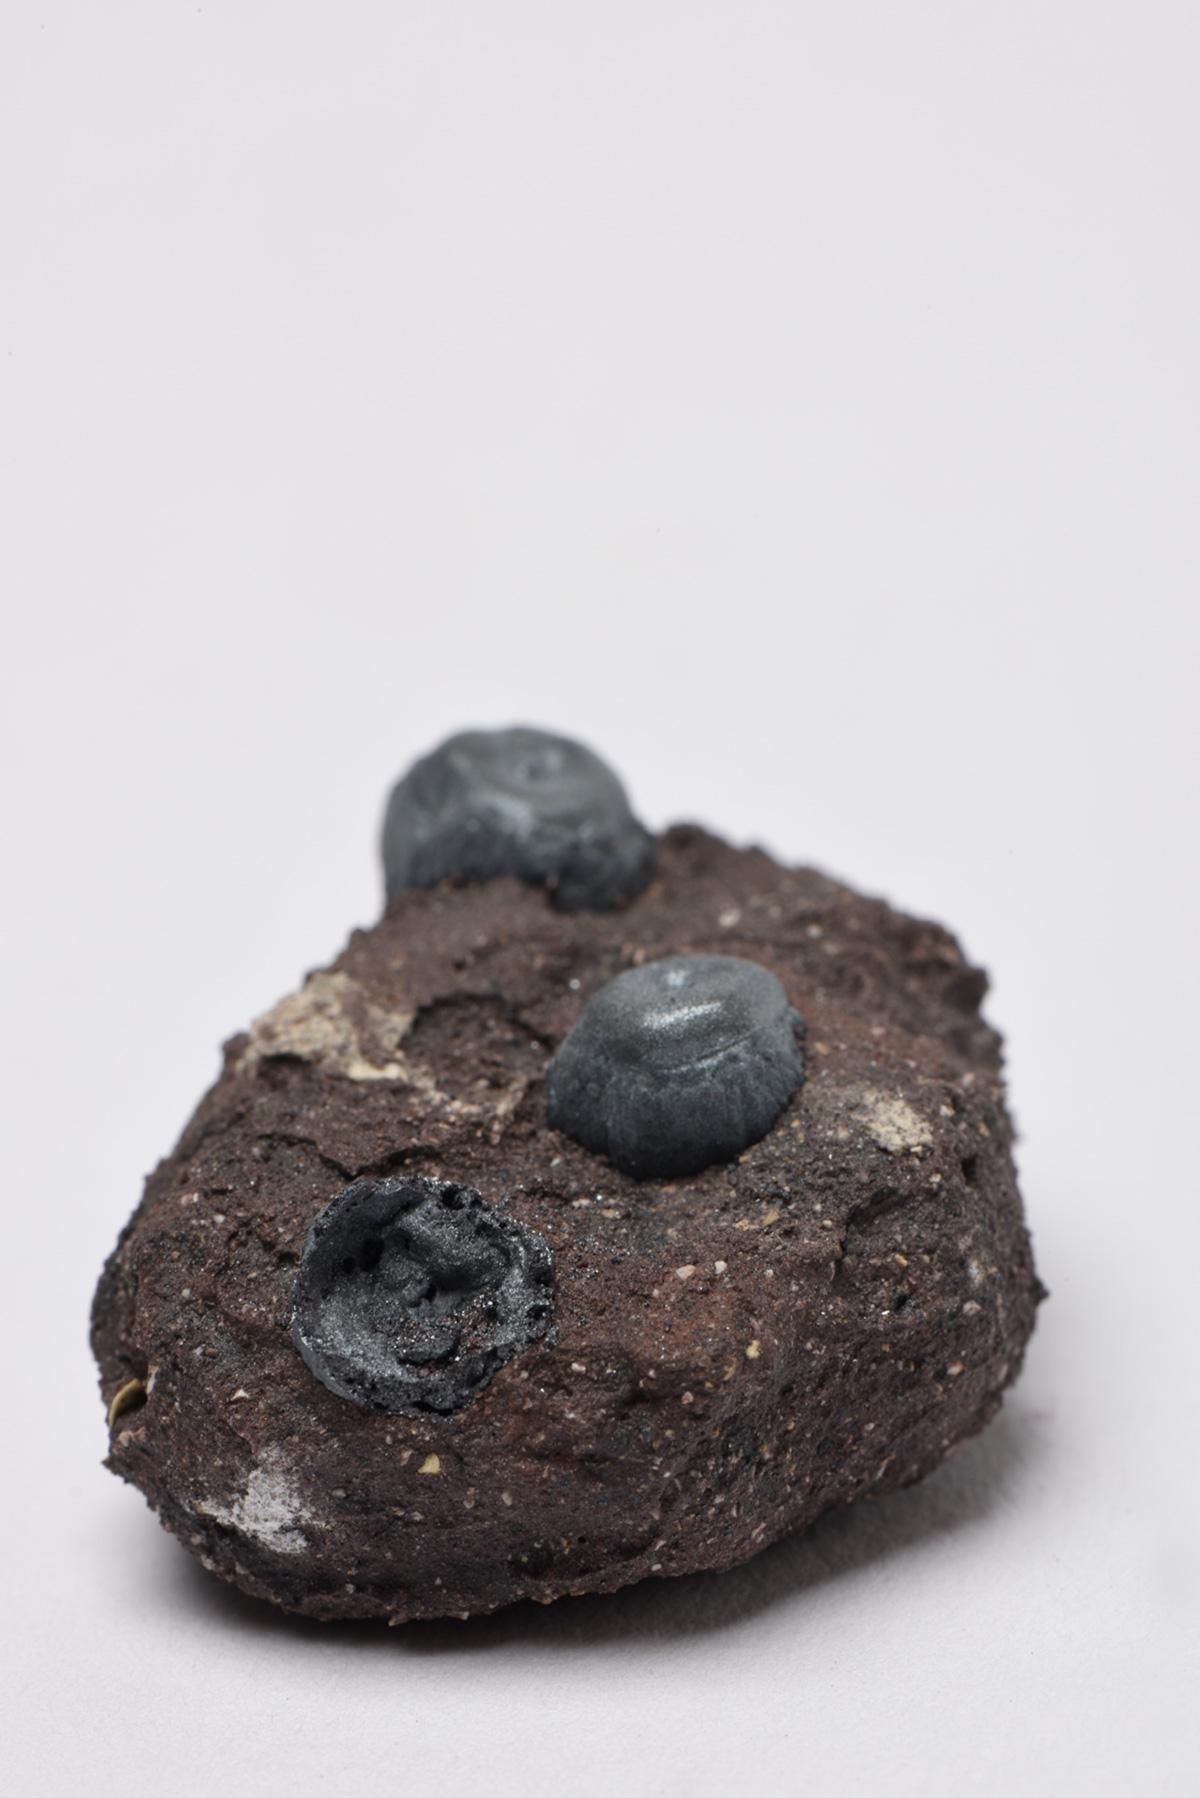 Rocha Vulcânica, ca. 100.000 anos Pós-Antropoceno, 2016. Série <i>Futuro das Pedras</i>, terra com resíduos materiais coletados após a catástrofe em Bento Rodrigues, 3,0 x 3,5 x 5,0 cm